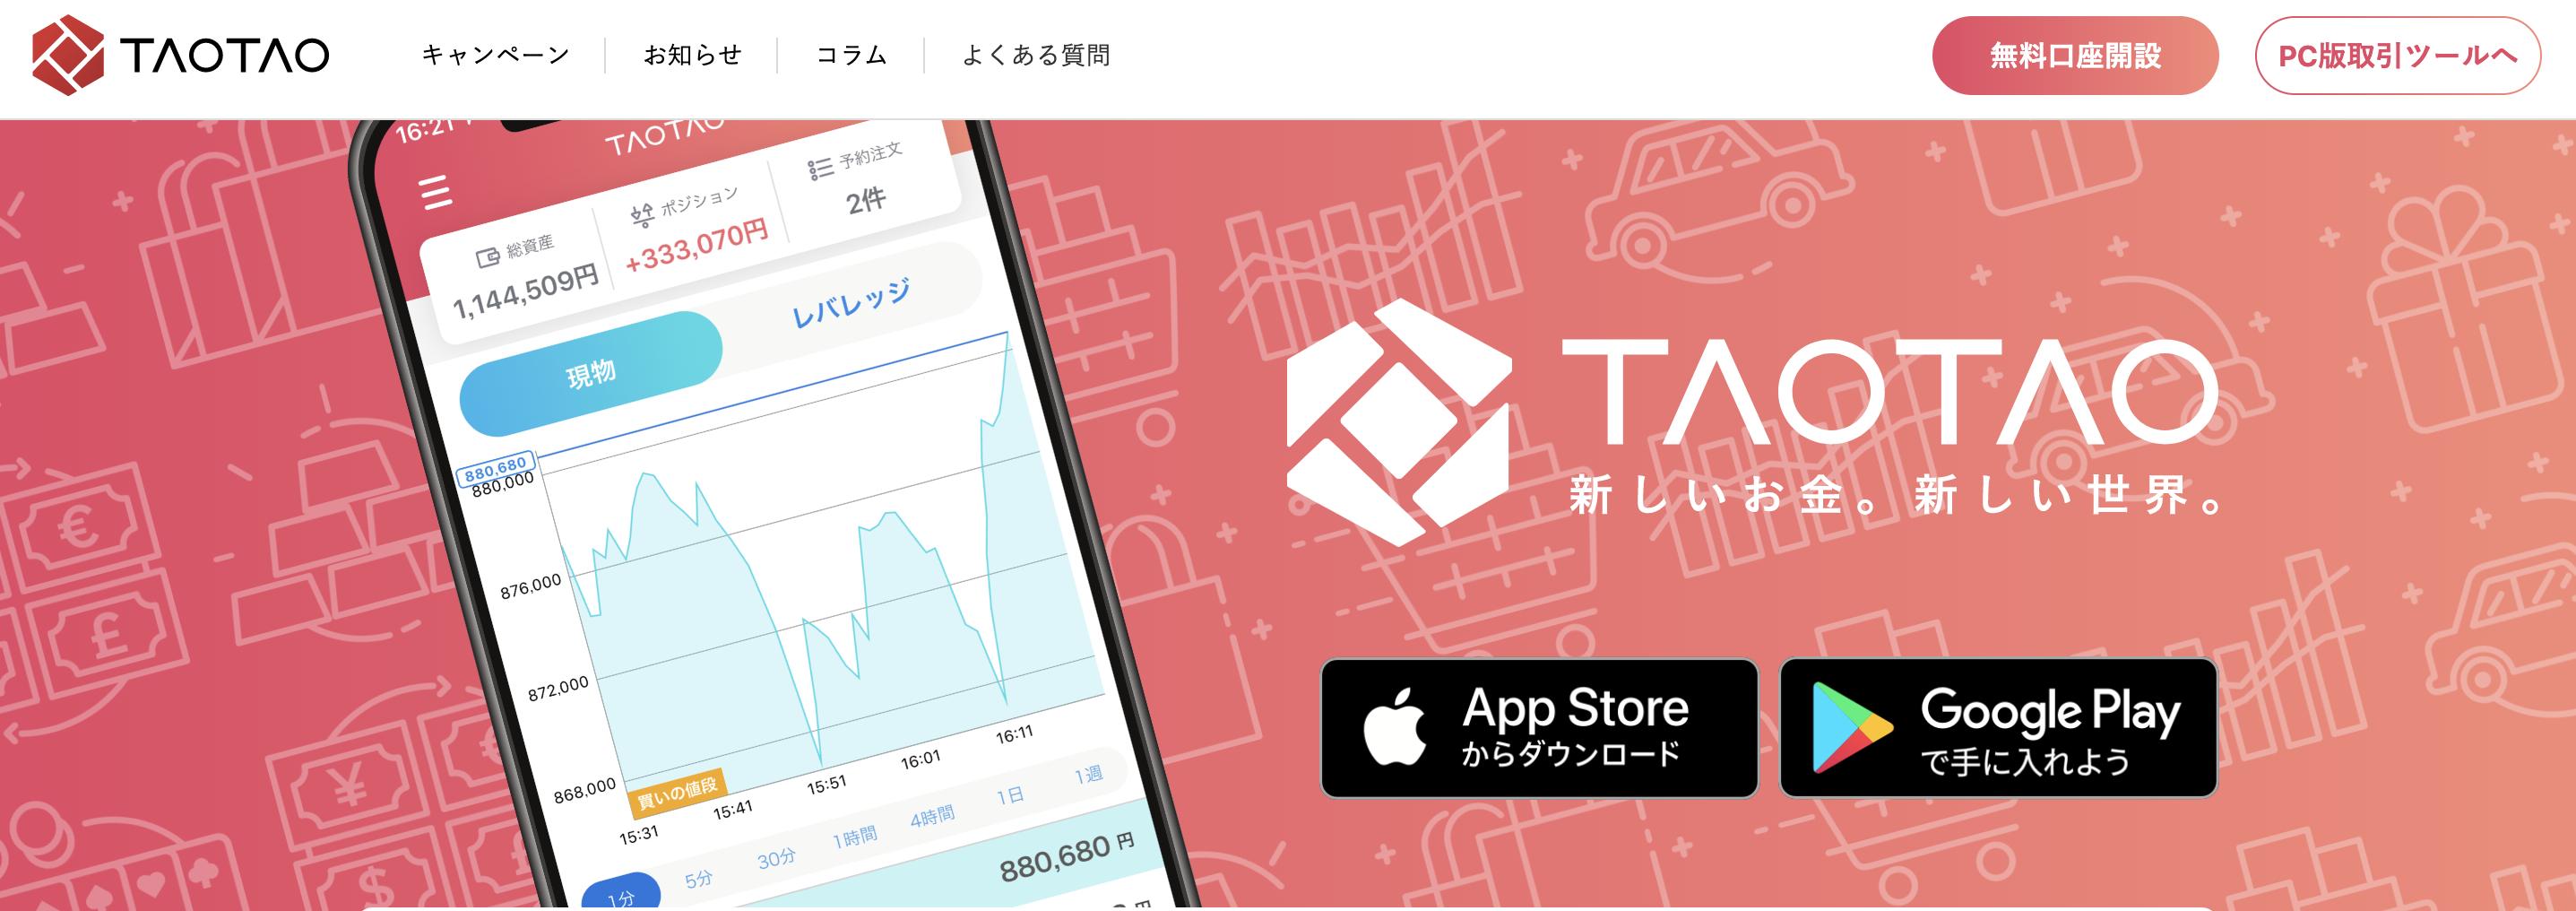 taotaoトップページ